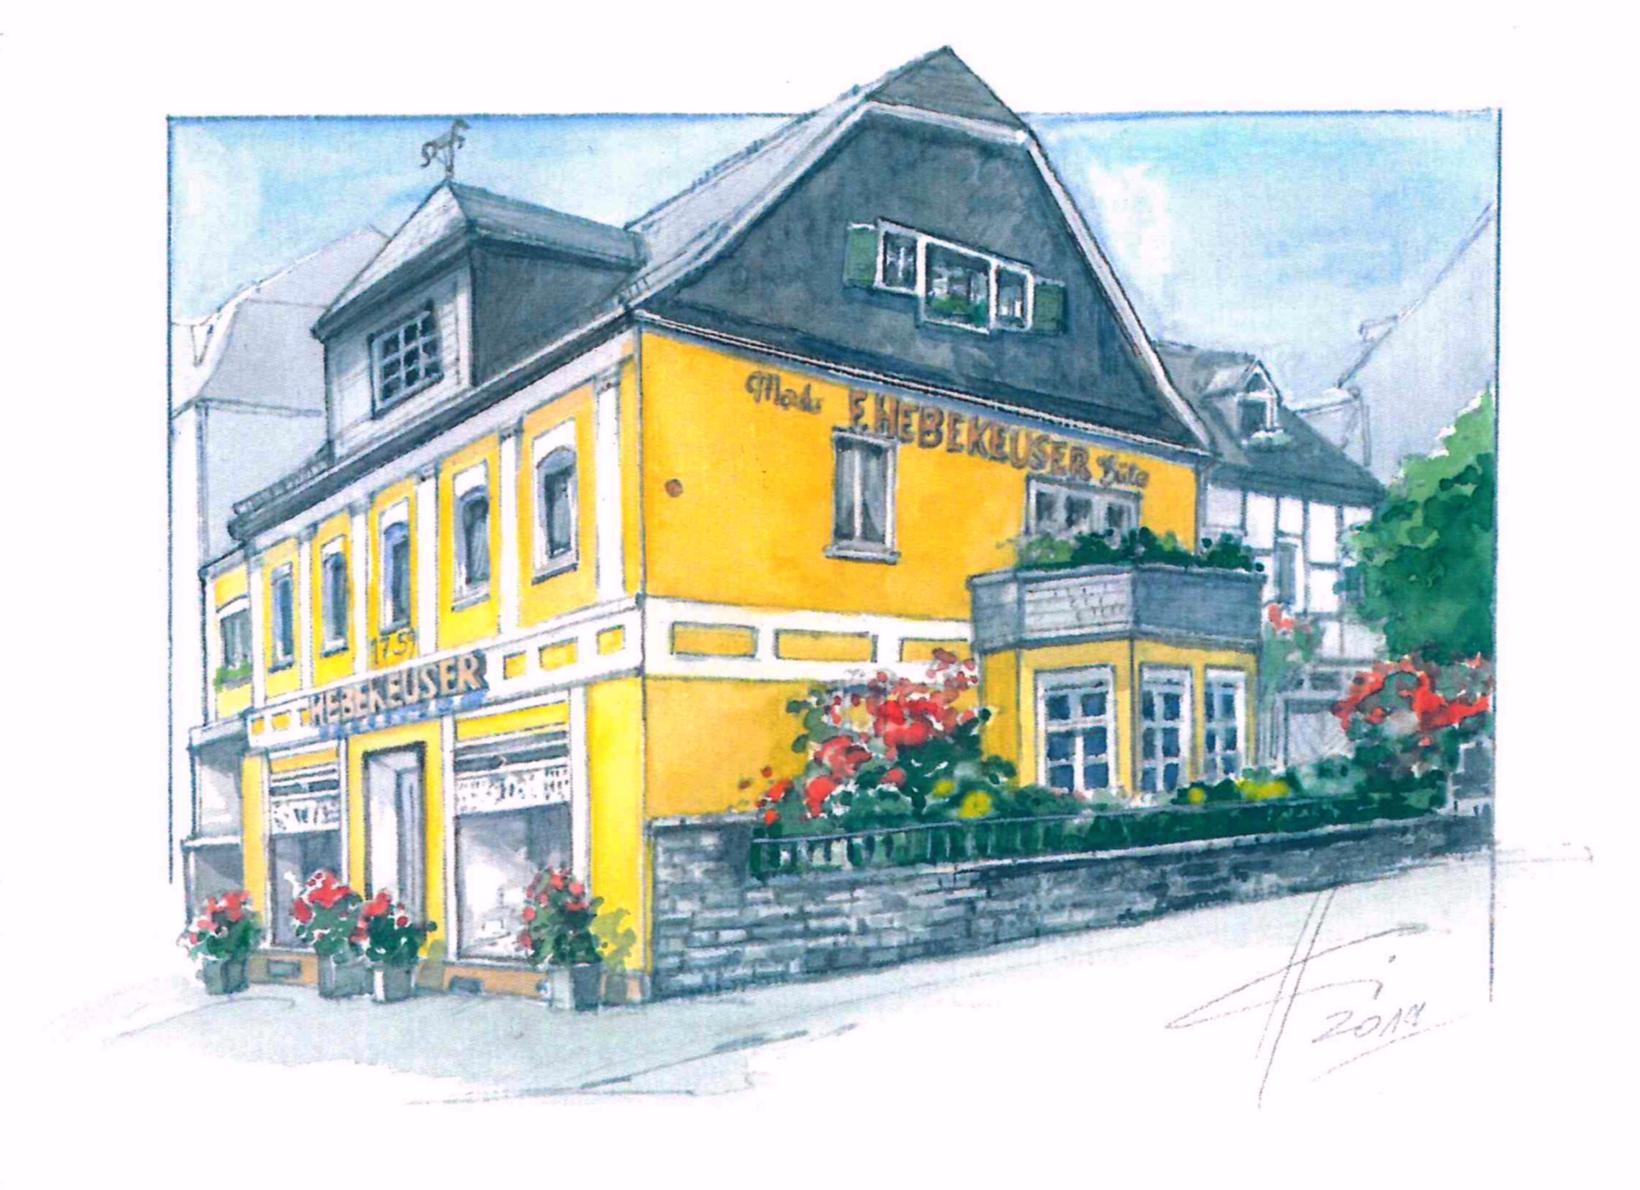 Haus Hebekeuser, Horst Kriese